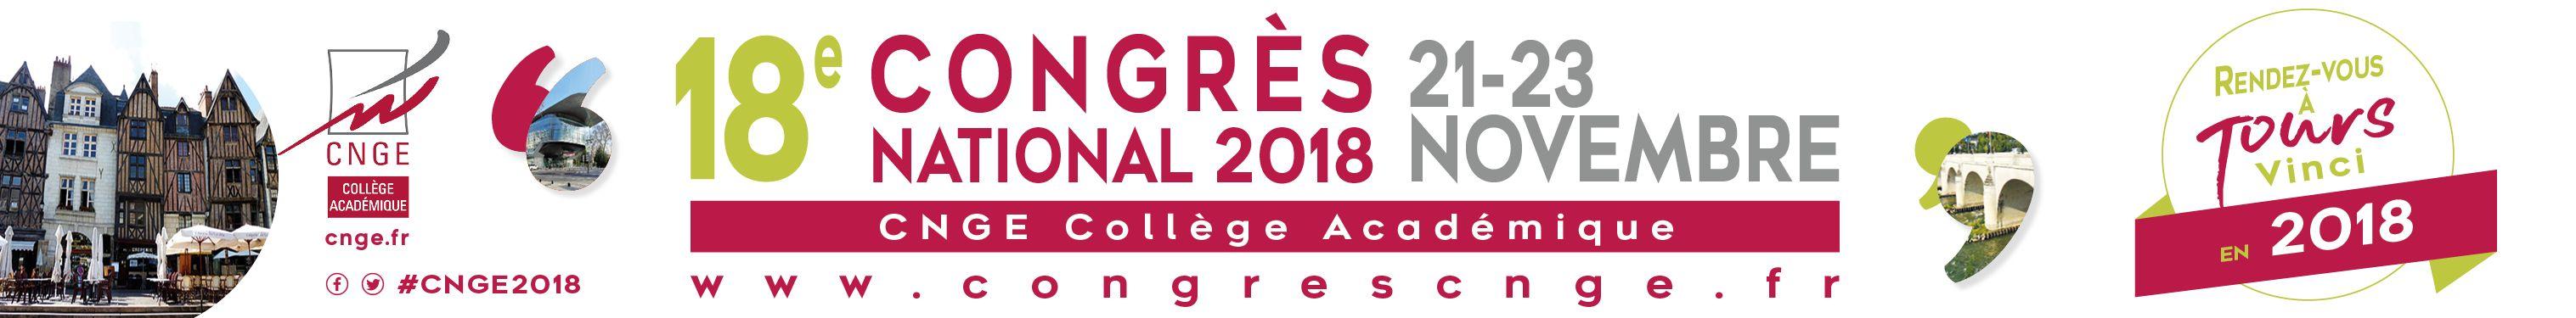 Congres CNGE